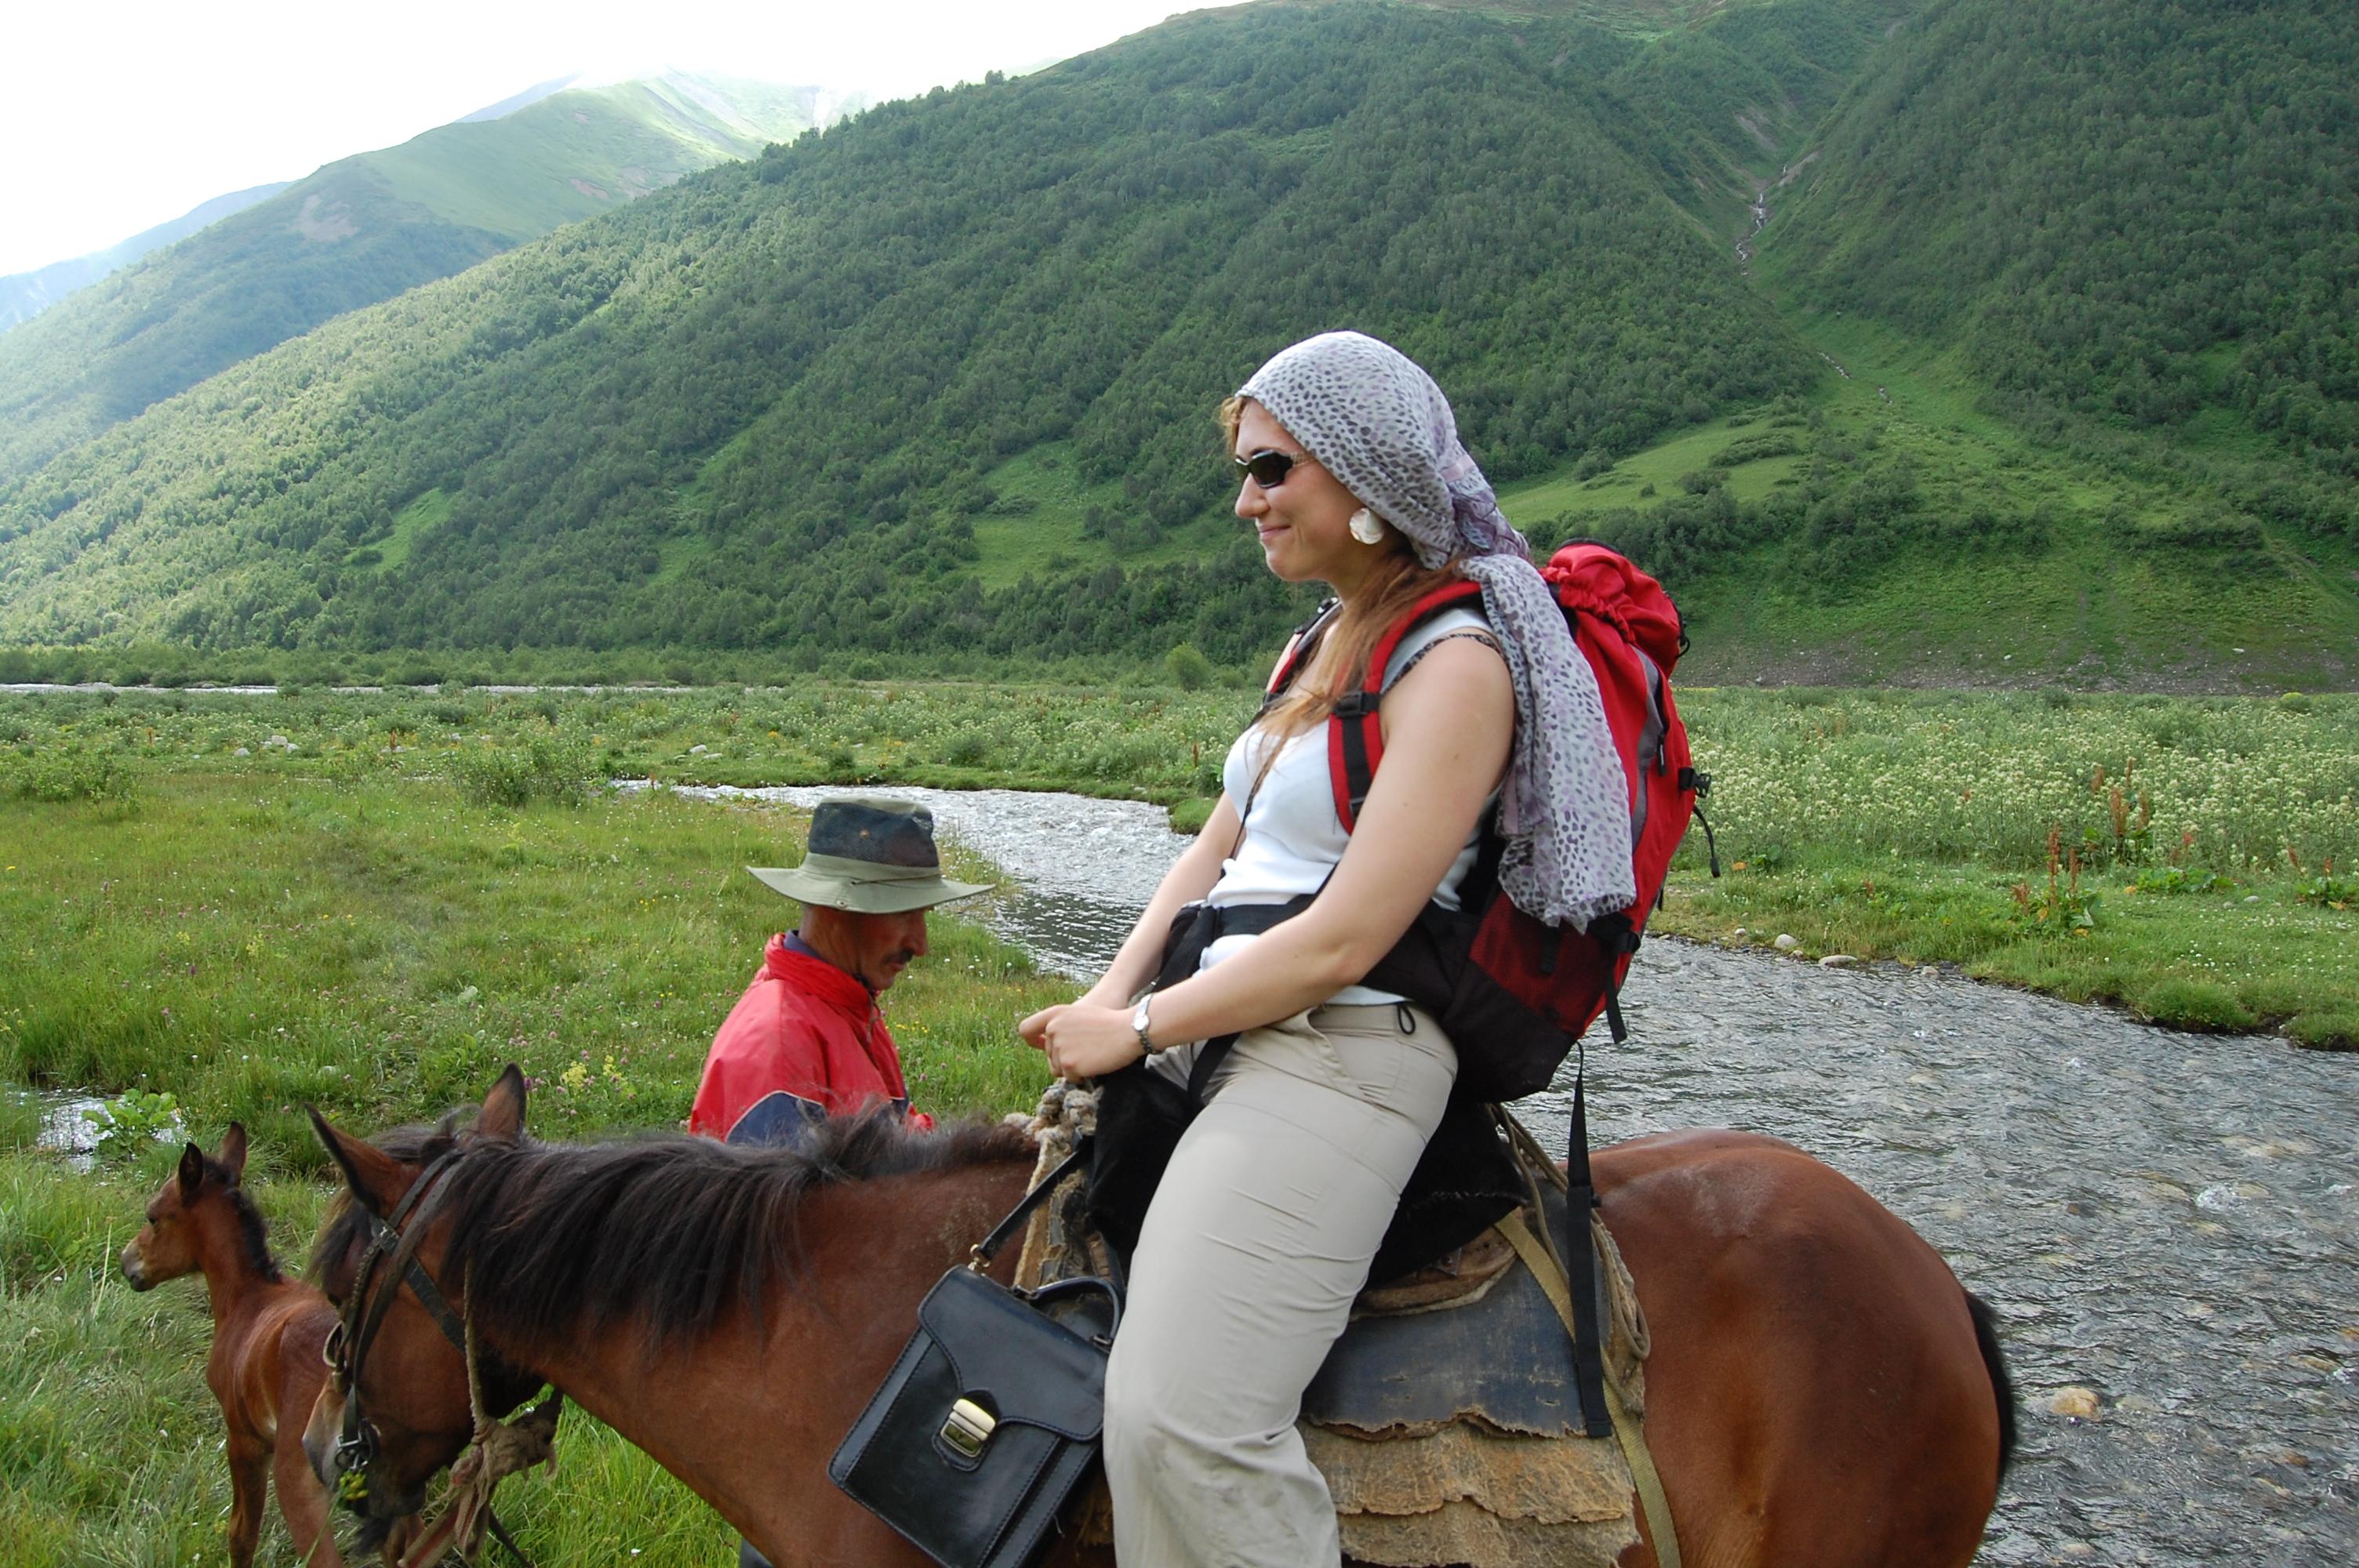 File:Svaneti - Ushguli (9460867576).jpg - Wikimedia Commons